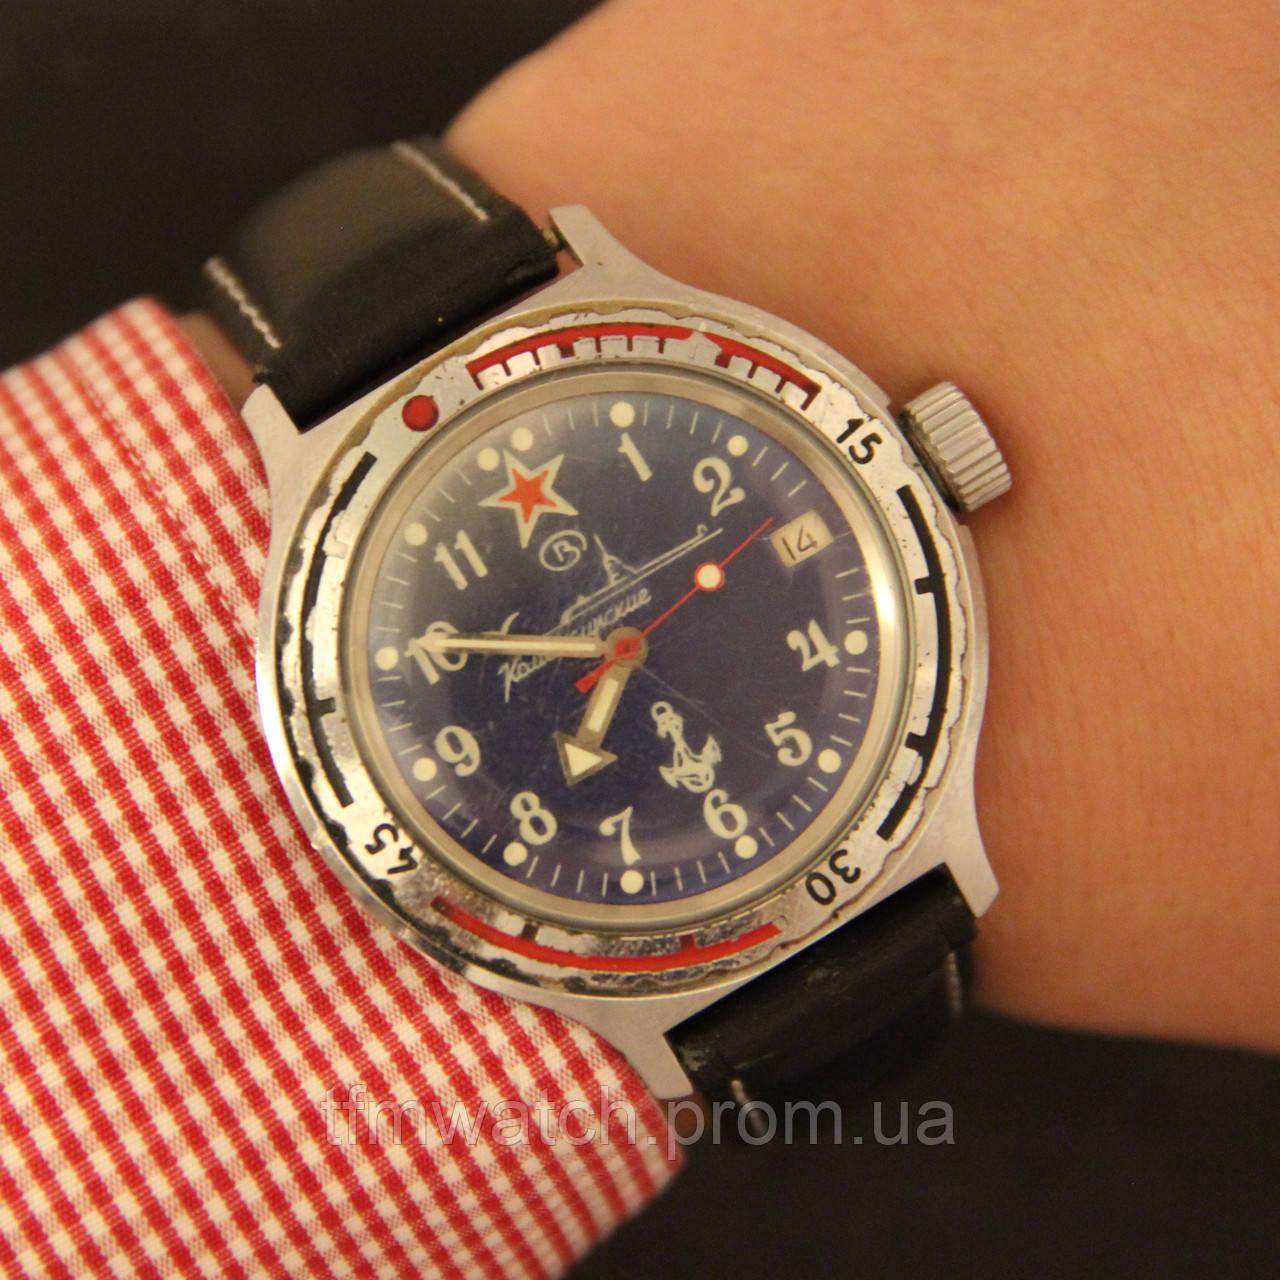 Купить наручные часы командирские дайверские часы сейко купить